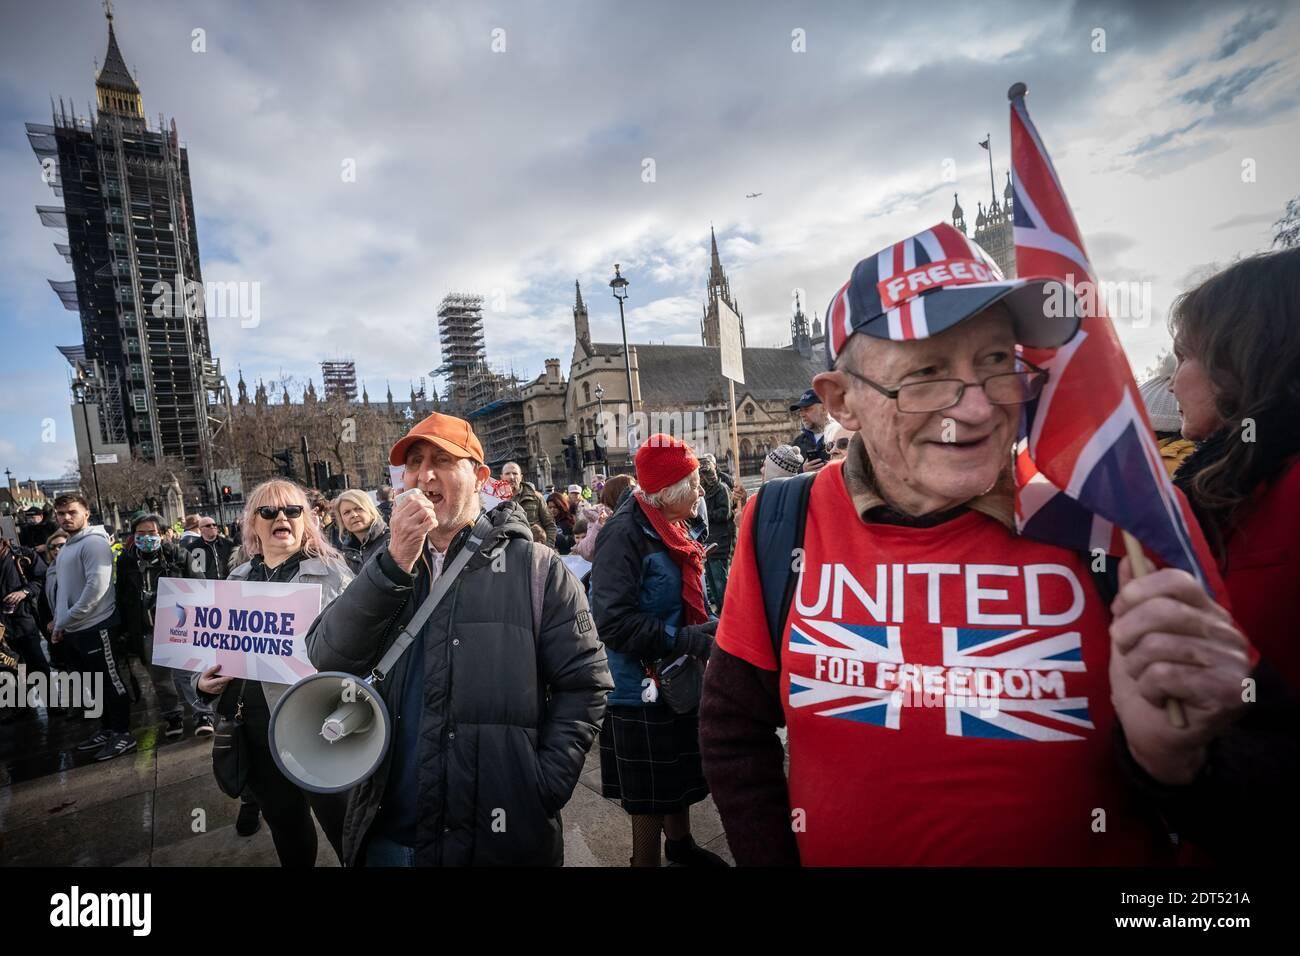 Coronavirus : manifestation anti-Vaxxer à Parliament Square, Londres, Royaume-Uni. Banque D'Images